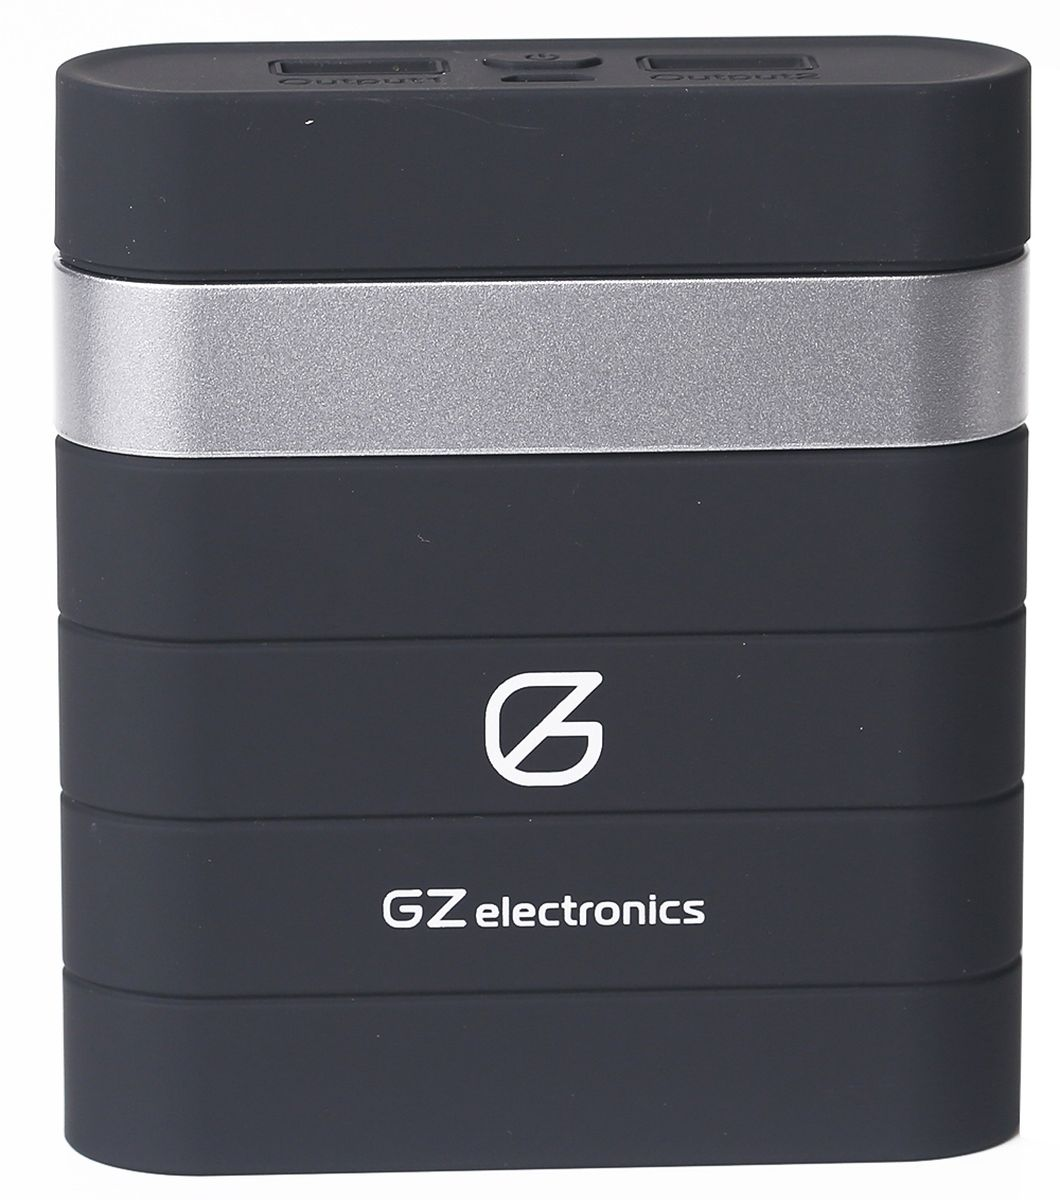 GZ electronics GZ-B10K внешний аккумулятор (10000 мАч)GZ-B10K(BK)Батарея заряжается до 100% примерно за 3,5 часа и по достижении полного заряда автоматически отключается. Вы можете не беспокоиться за свои цифровые устройства - PowerBank имеет надежную защиту от замыканий, перегрузок, напряжения и перегрева.Корпус устройства выполнен из алюминиевого сплава, который обеспечивает ударопрочность, а также антикоррозийную и антиконденсатную защиту. Для удобства пользователей iPhone в комплект поставки входит кабель microUSB и переходник Lightning.PowerBank GZ-B10K отличается компактными размерами и нескользящим матовым покрытием Soft Touch. Благодаря своим потребительским качествам, устройство станет незаменимым аксессуаром как для использования дома или в офисе, так и в агрессивной среде на природе.